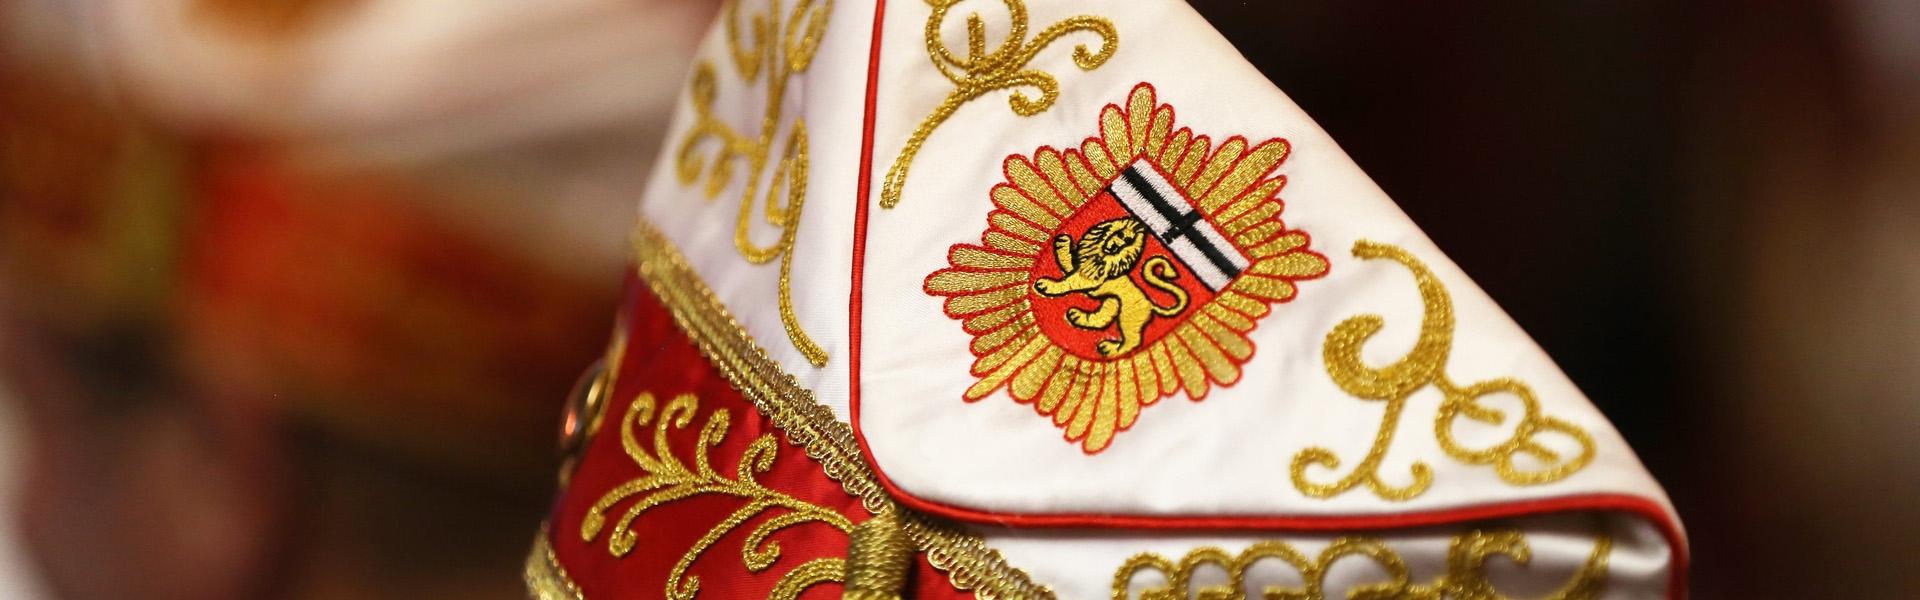 Das Bild zeigt einen mit dem Wappen der Bundesstadt Bonn geschmückten Hut.